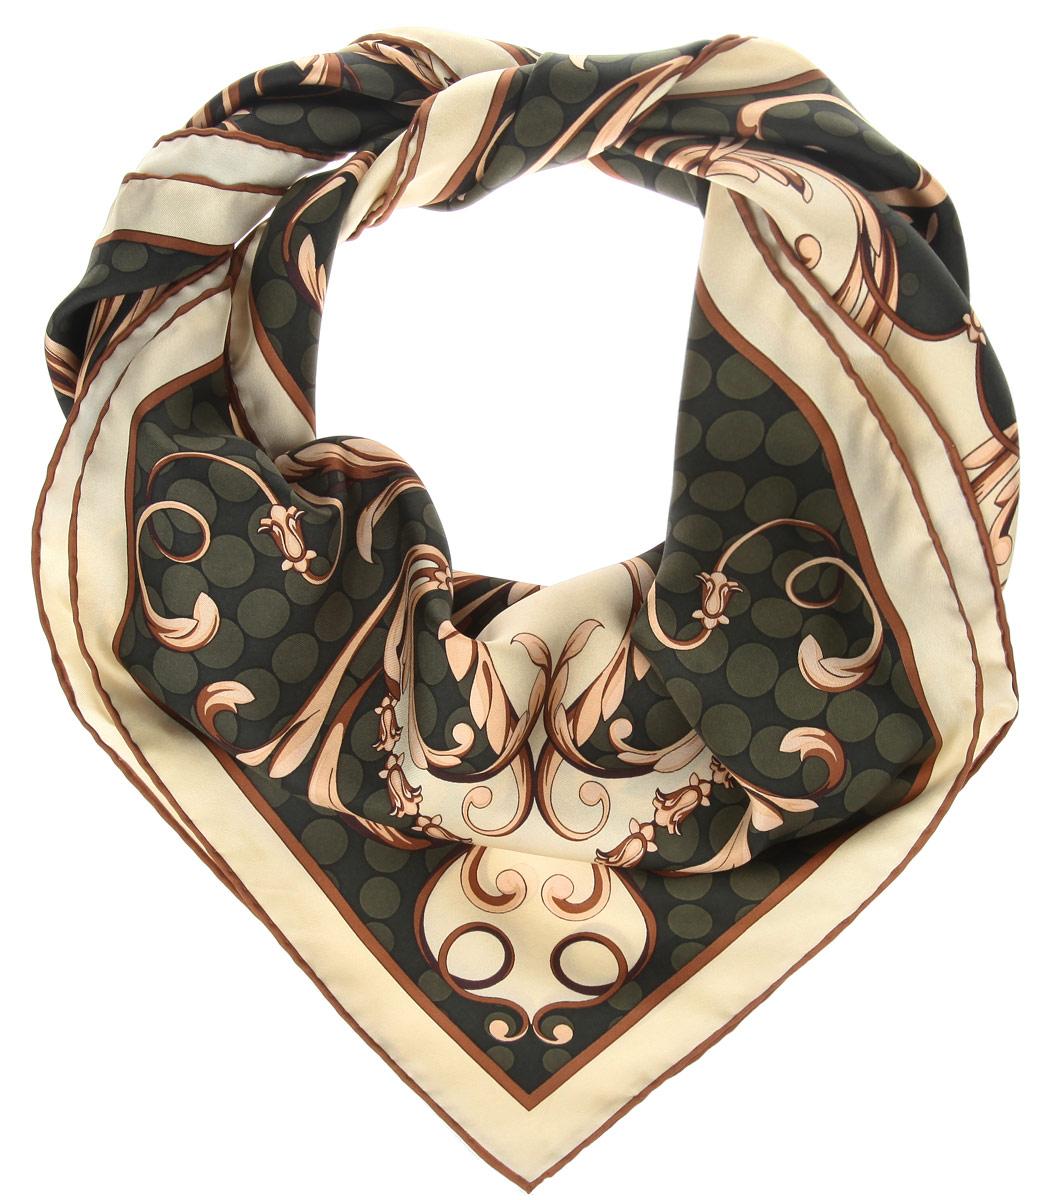 Платок женский. CX1516-49CX1516-49-4Стильный женский платок Fabretti станет великолепным завершением любого наряда. Платок изготовлен из высококачественного 100% шелка и оформлен изысканным растительным орнаментом. Классическая квадратная форма позволяет носить платок на шее, украшать им прическу или декорировать сумочку. Мягкий и шелковистый платок поможет вам создать изысканный женственный образ, а также согреет в непогоду. Такой платок превосходно дополнит любой наряд и подчеркнет ваш неповторимый вкус и элегантность.